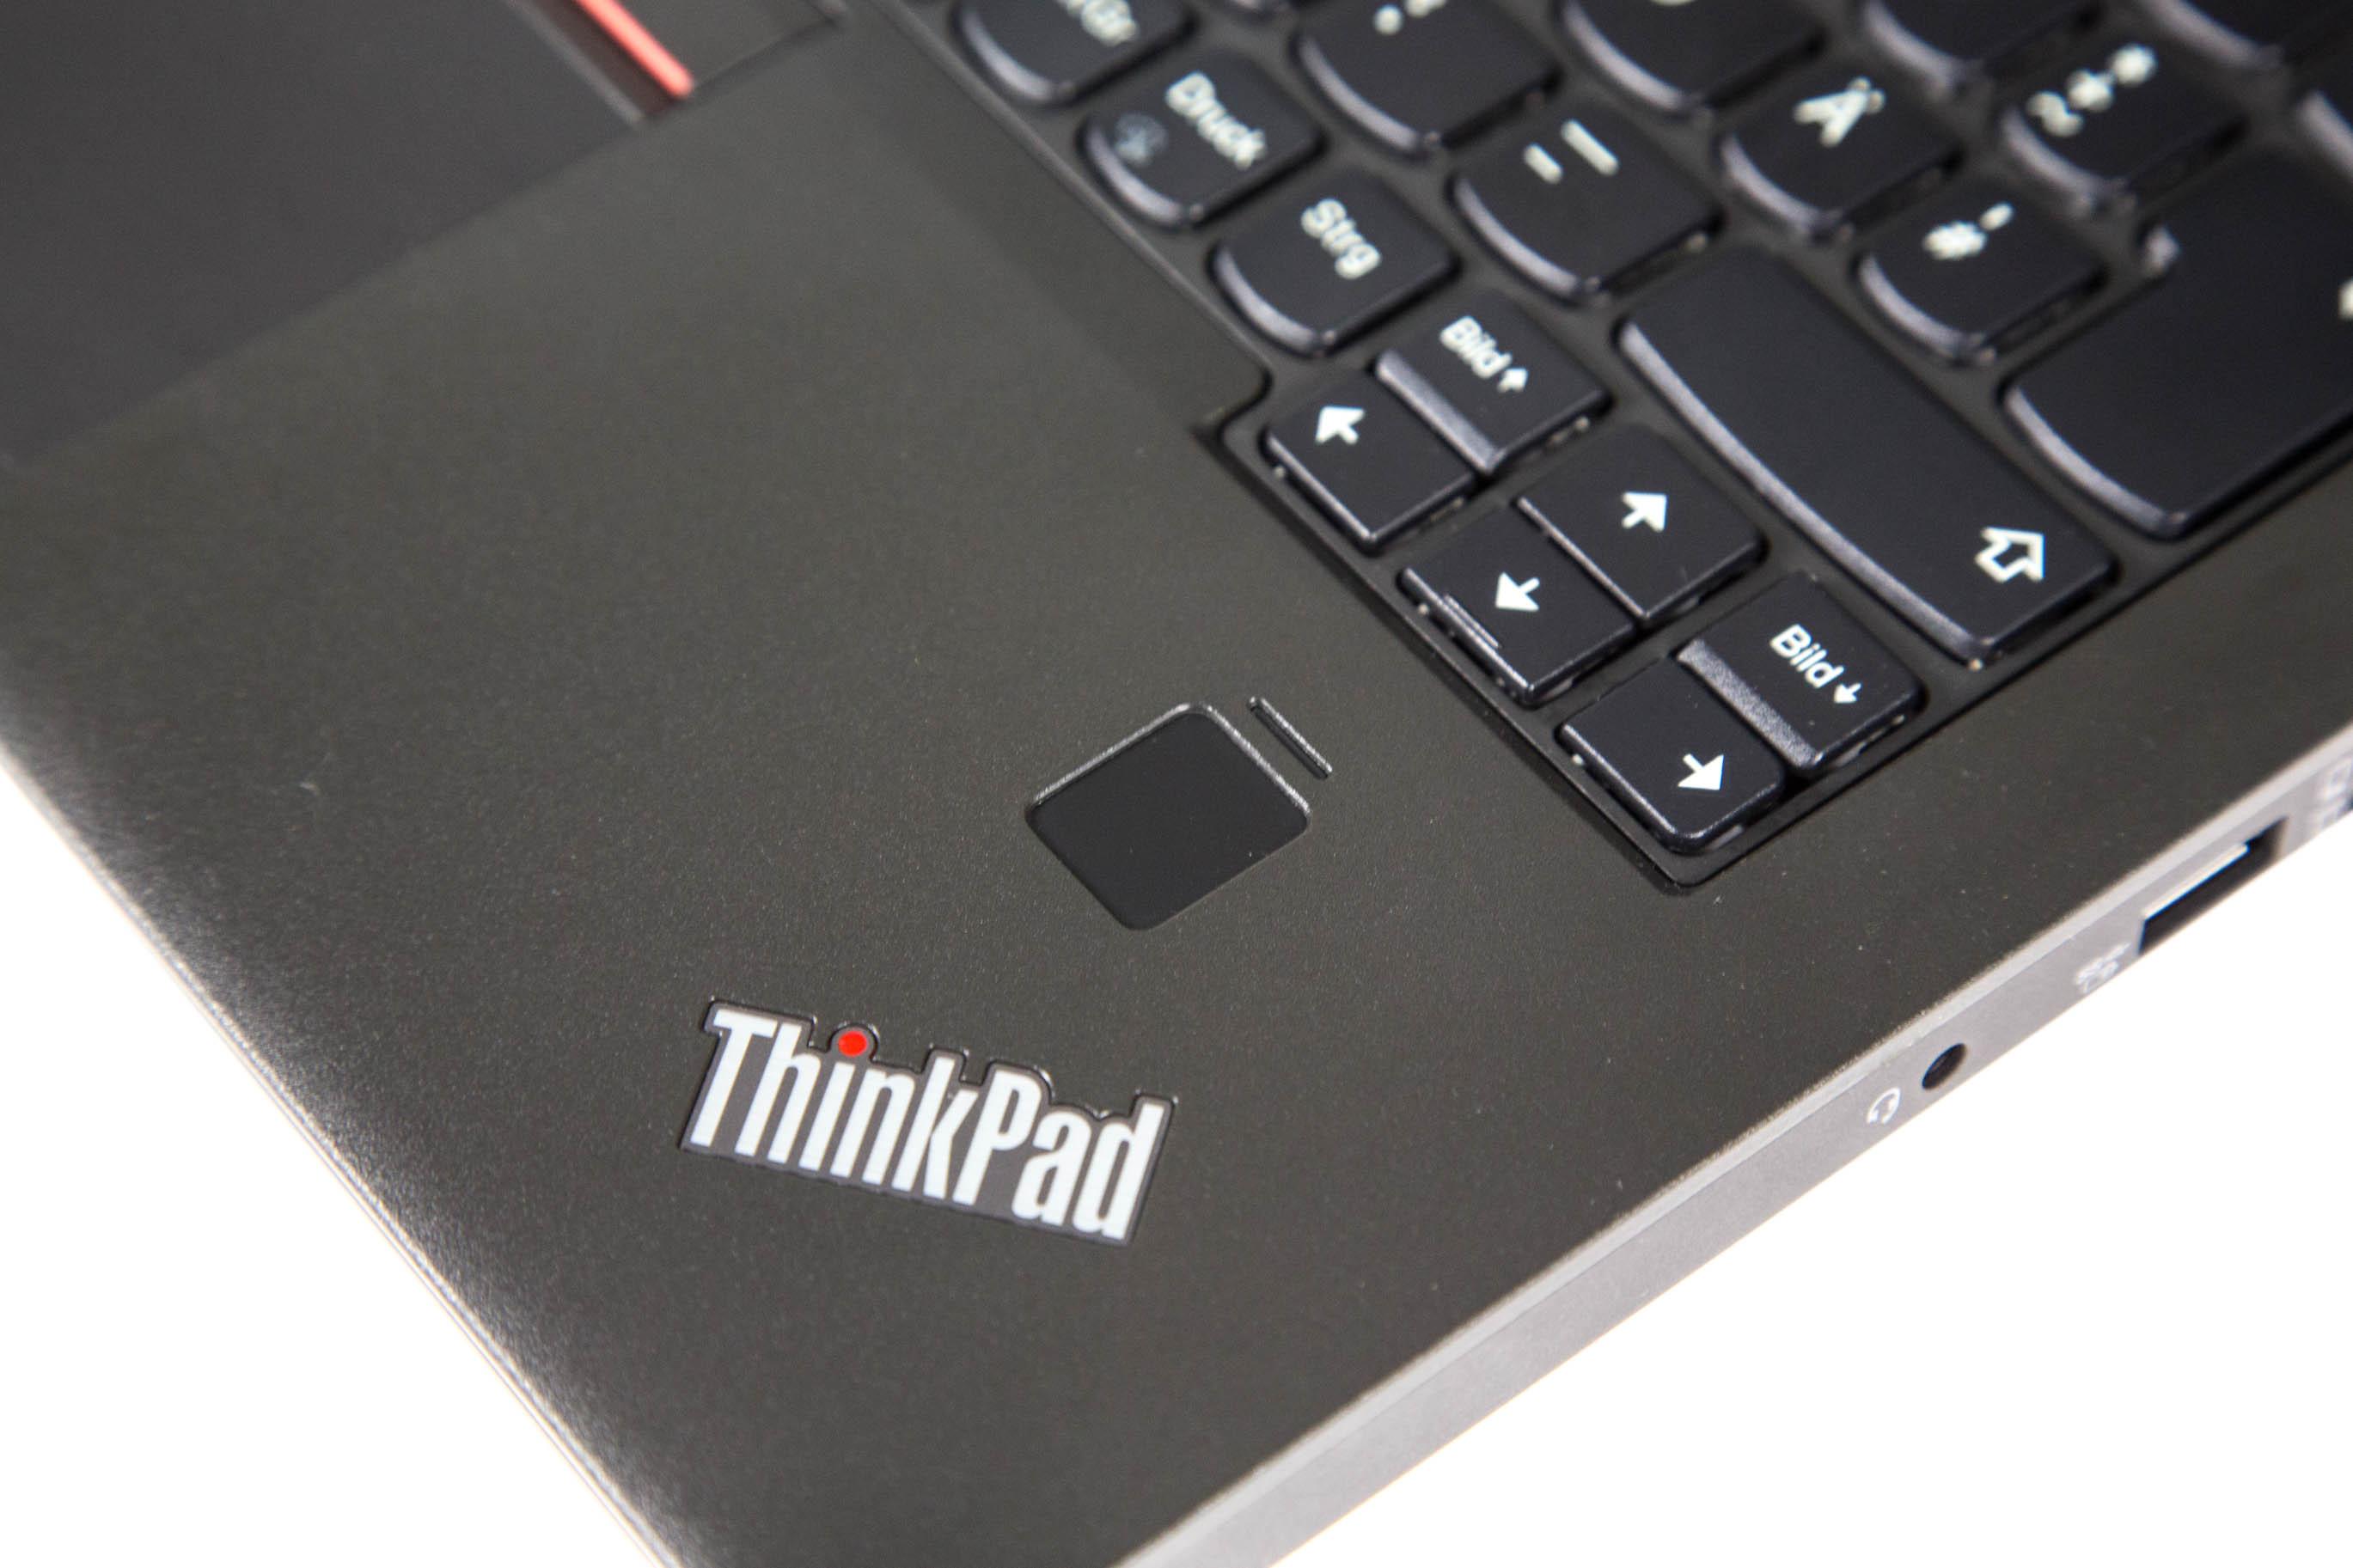 Thinkpad X270 im Test: Lenovos neuer alter Klassiker hat es immer noch drauf - Der Fingerabdruckscanner (Bild: Martin Wolf/Golem.de)